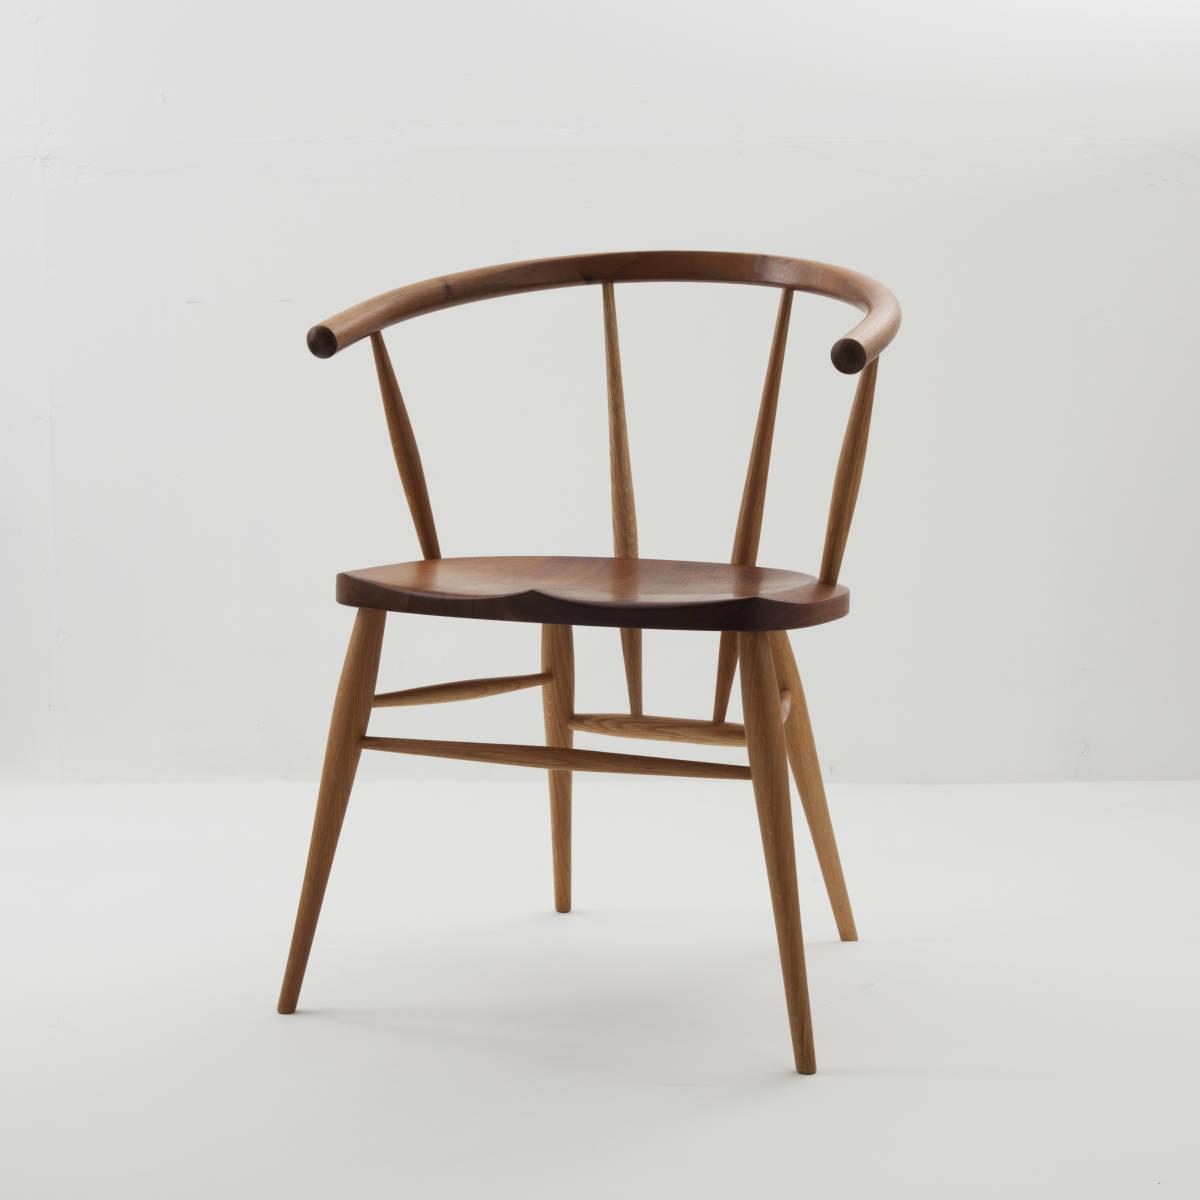 高山ウッドワークス Cafe Chair カフェチェア ウォールナット+ナラ材 曲げ木チェア